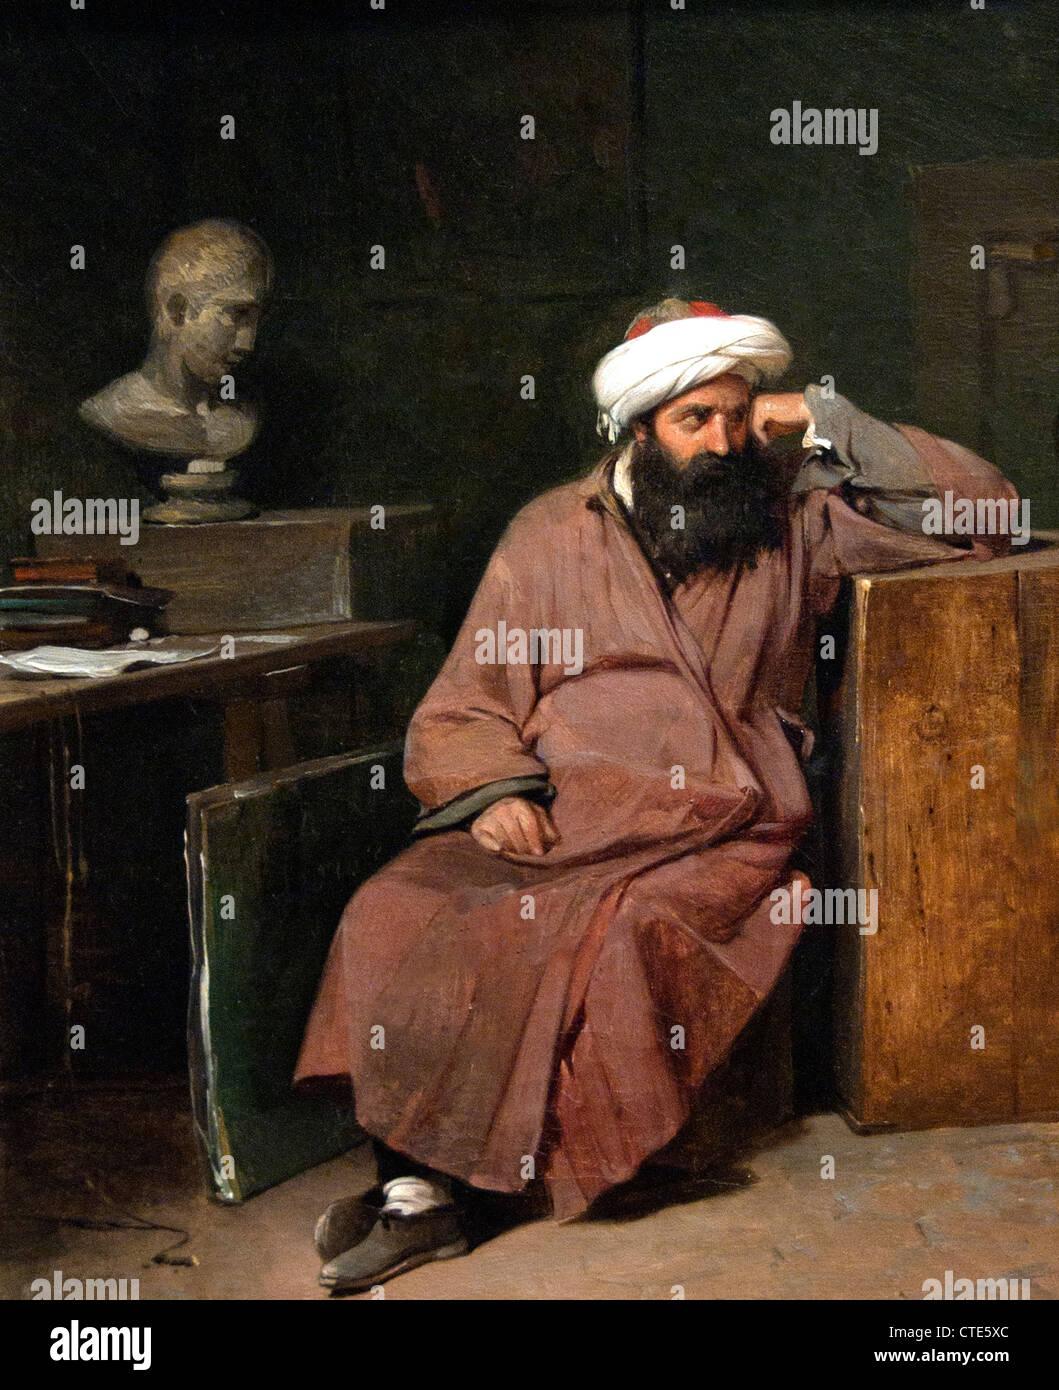 Hombre en traje oriental en el estudio del artista Auguste Xavier Leprince 1799-1826 francesa France Imagen De Stock